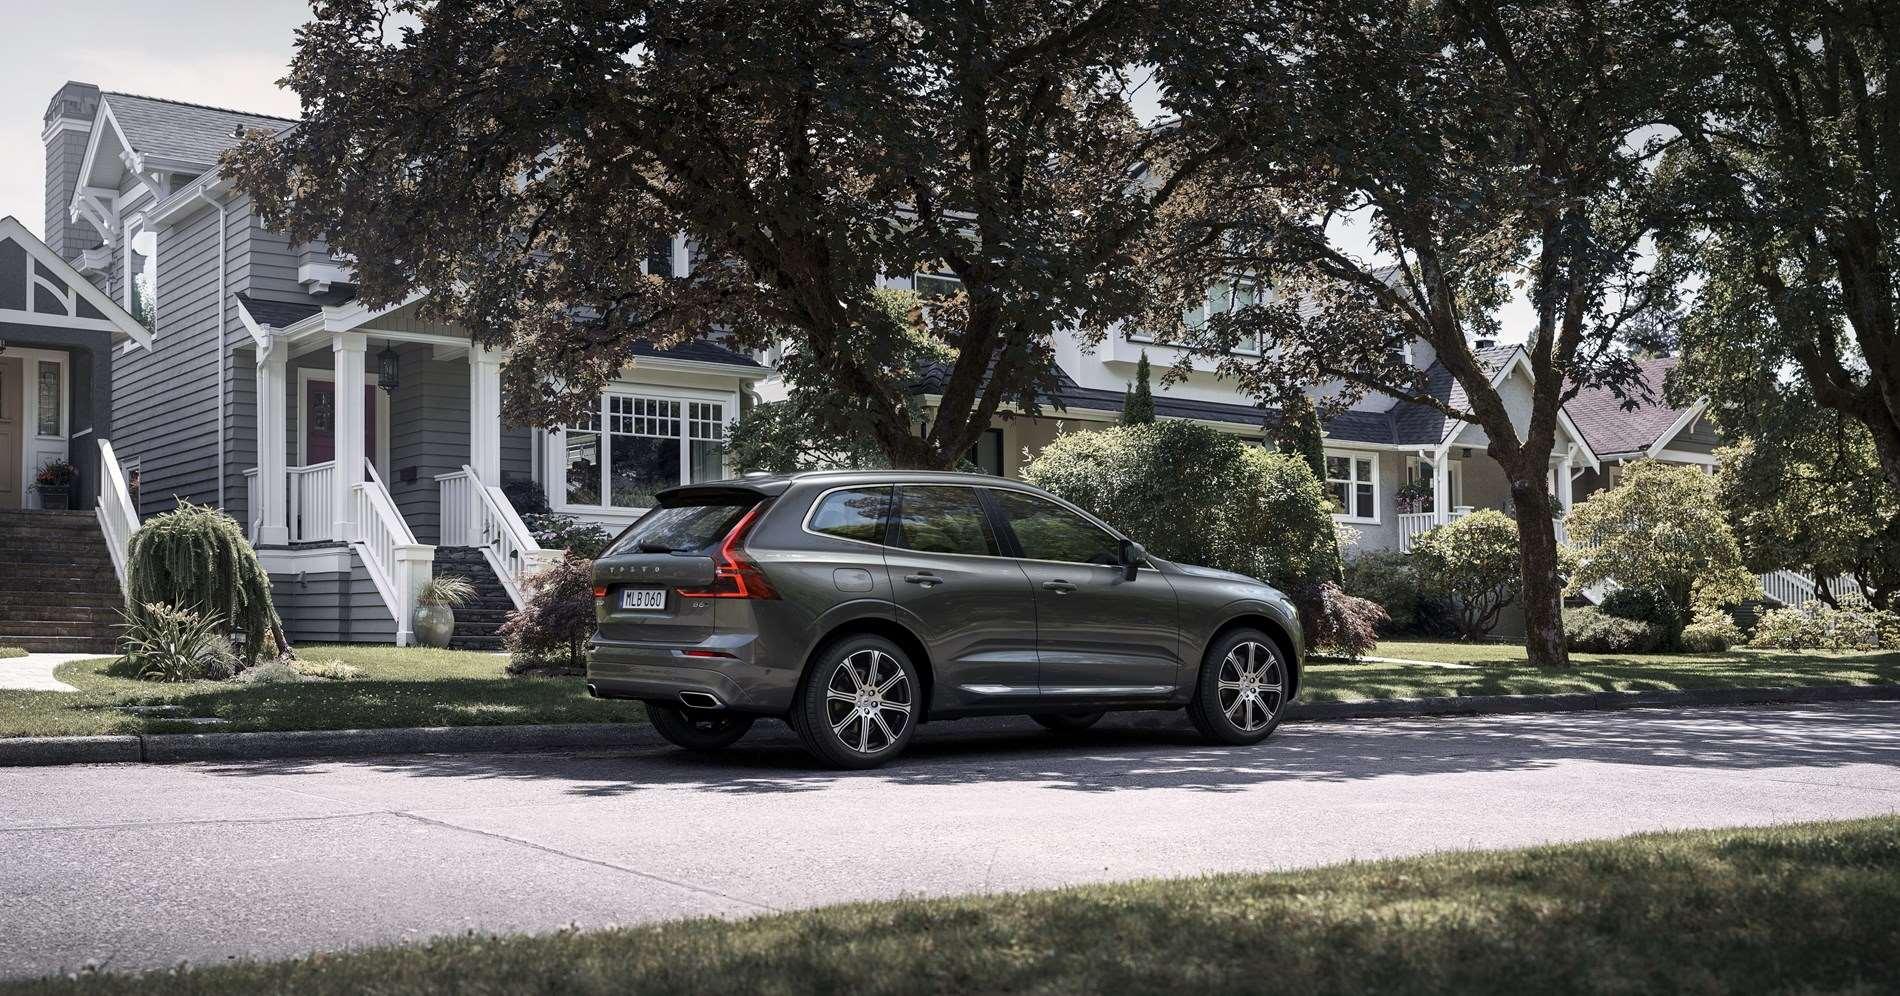 Volvo Cars lanceert haal- en brengdienst voor wagenonderhoud Volvo Valet in Europa